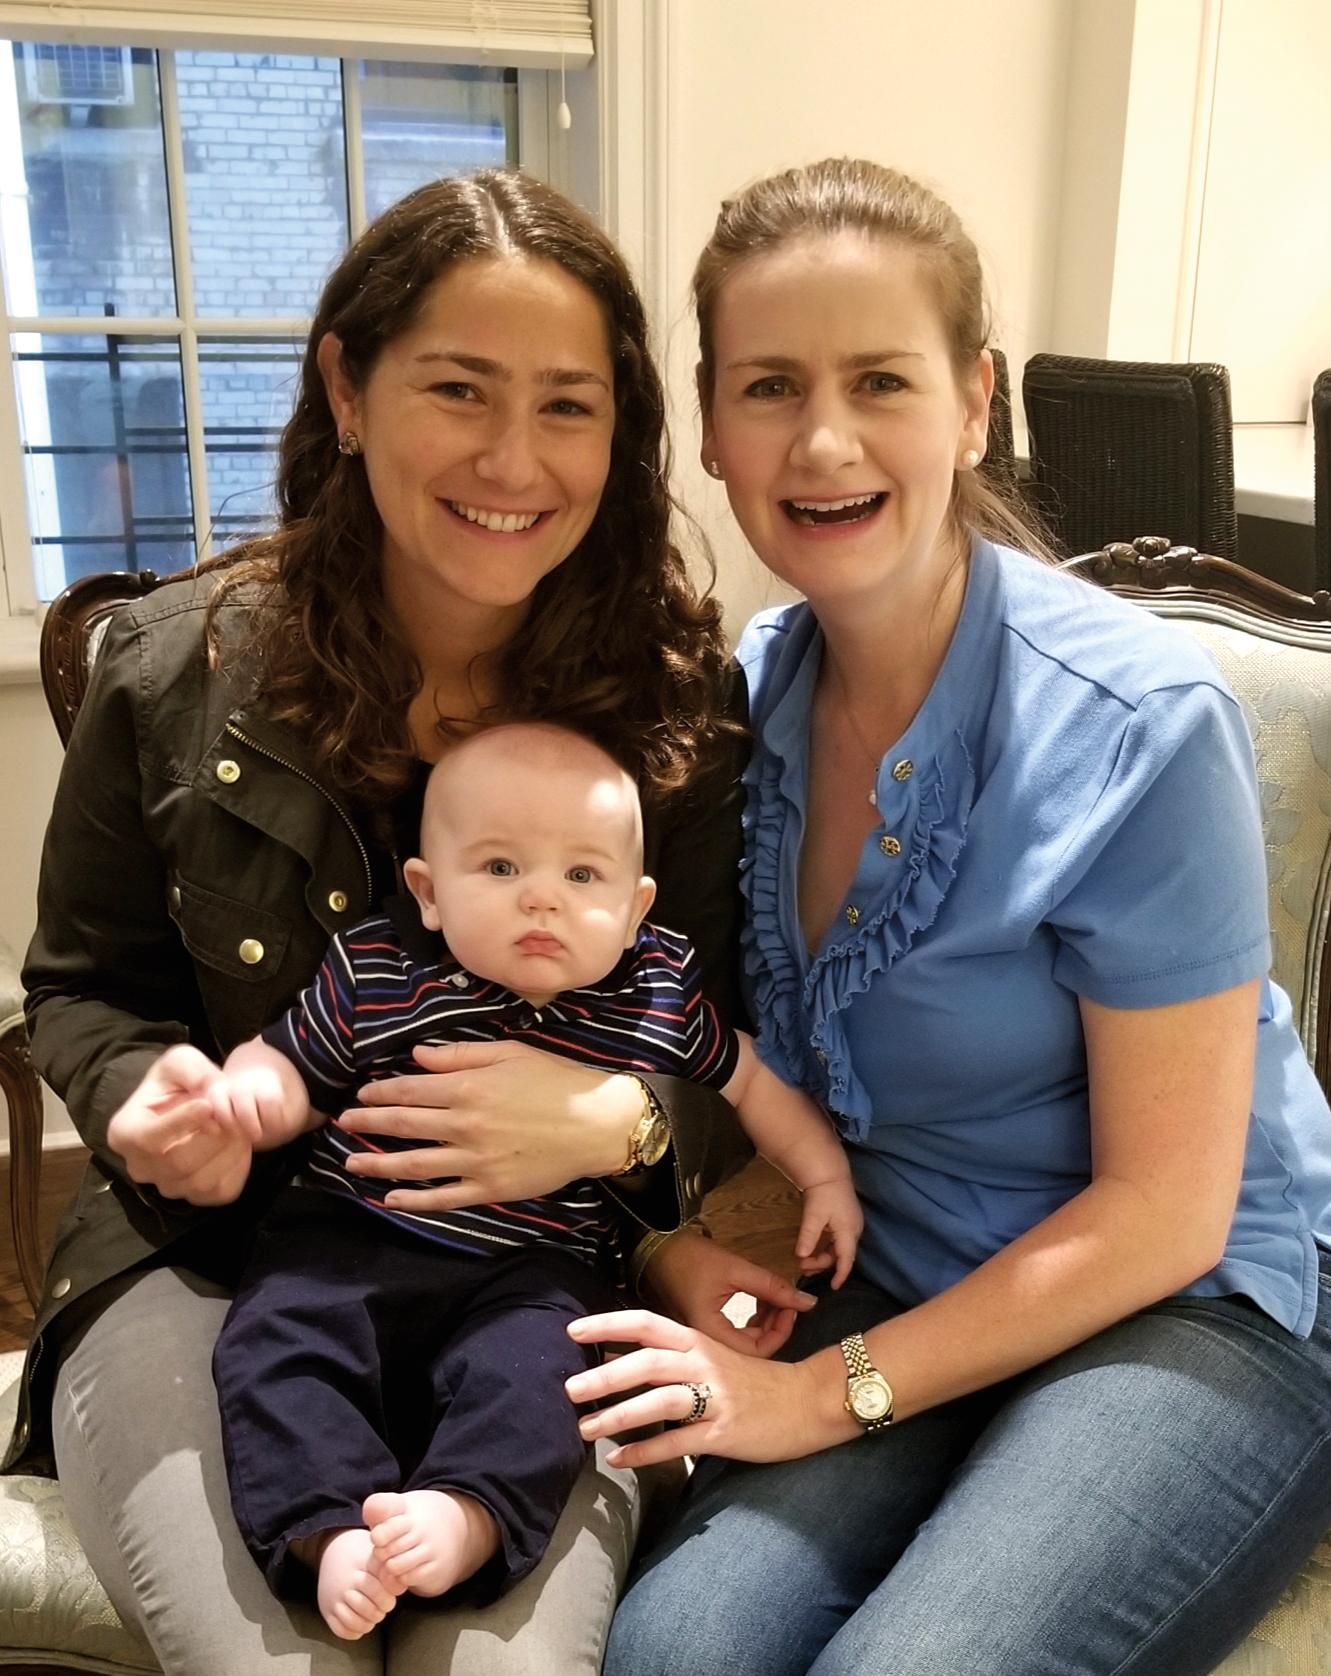 Meeghan Ford '03 (l.) with friend Lauren McKenna Surzyn '03 and Lauren's son, William.